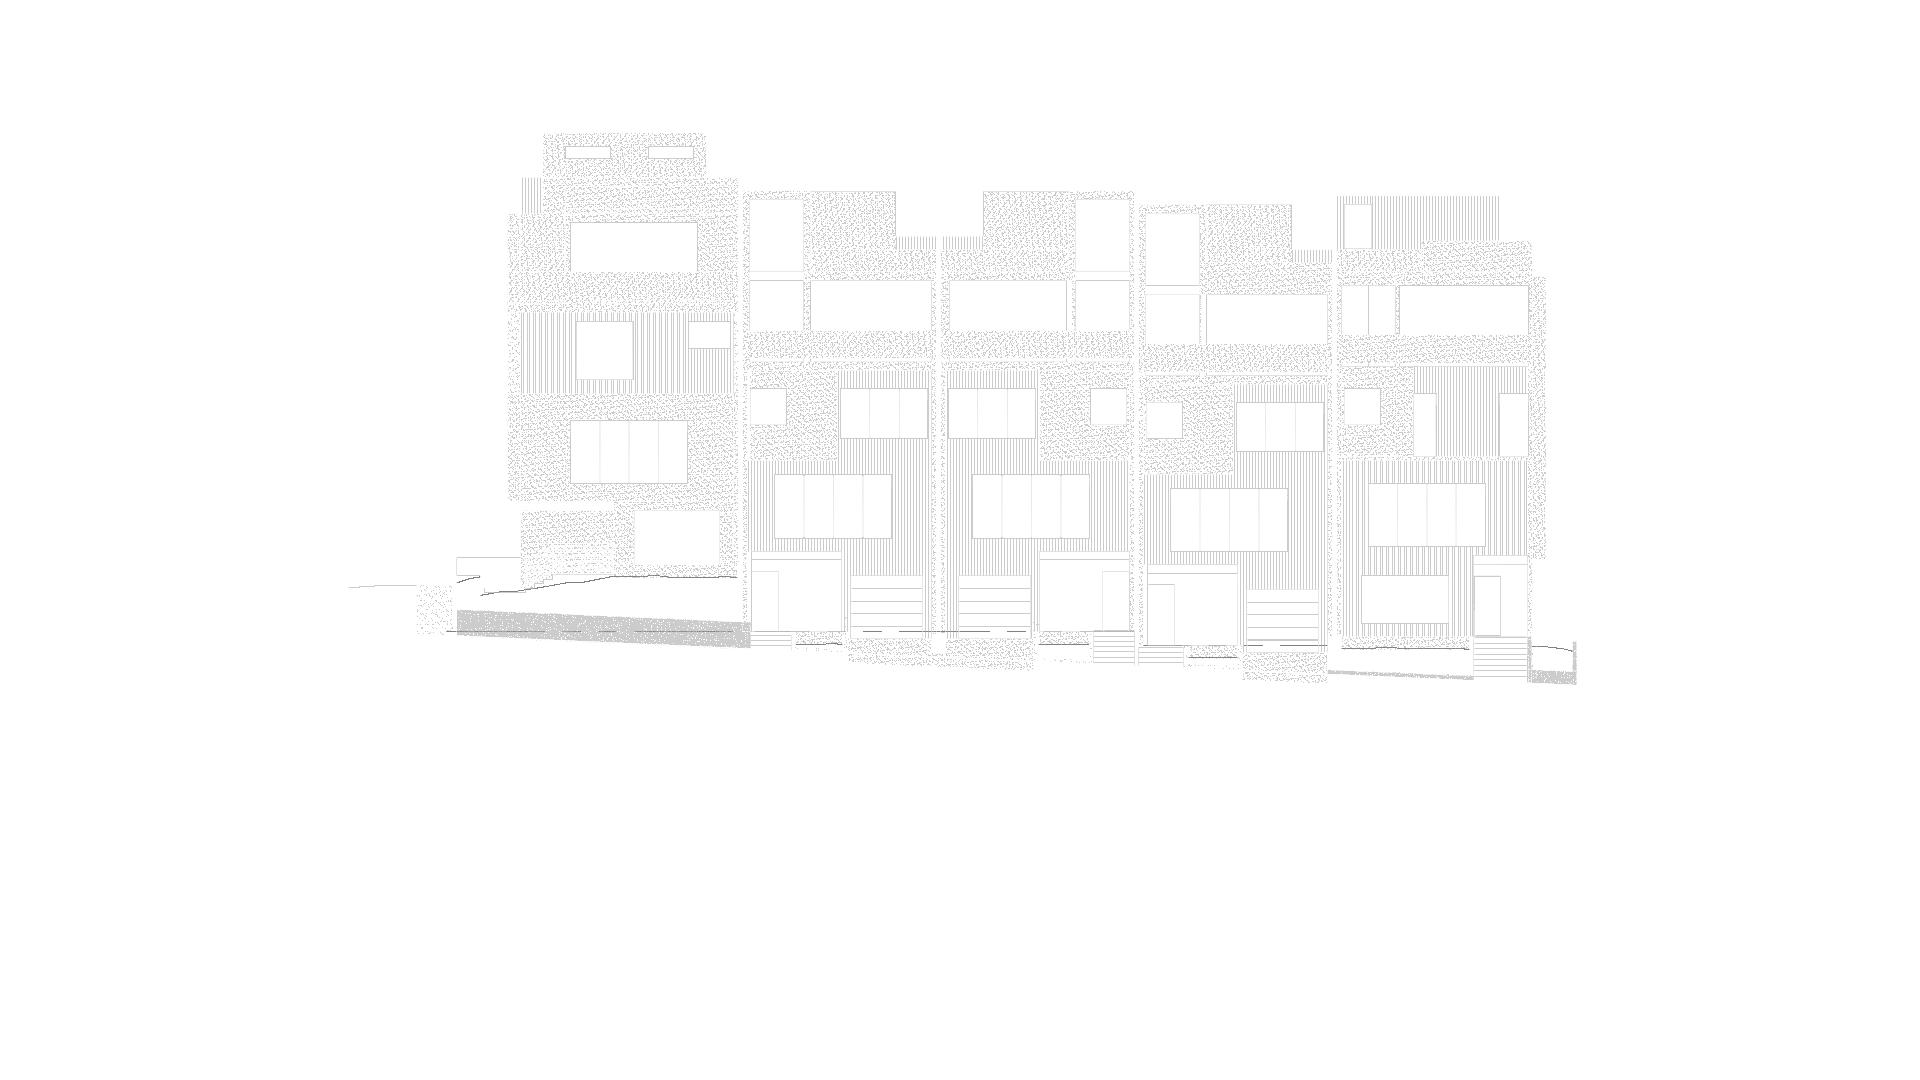 63rd Street_TechDwg-04.png